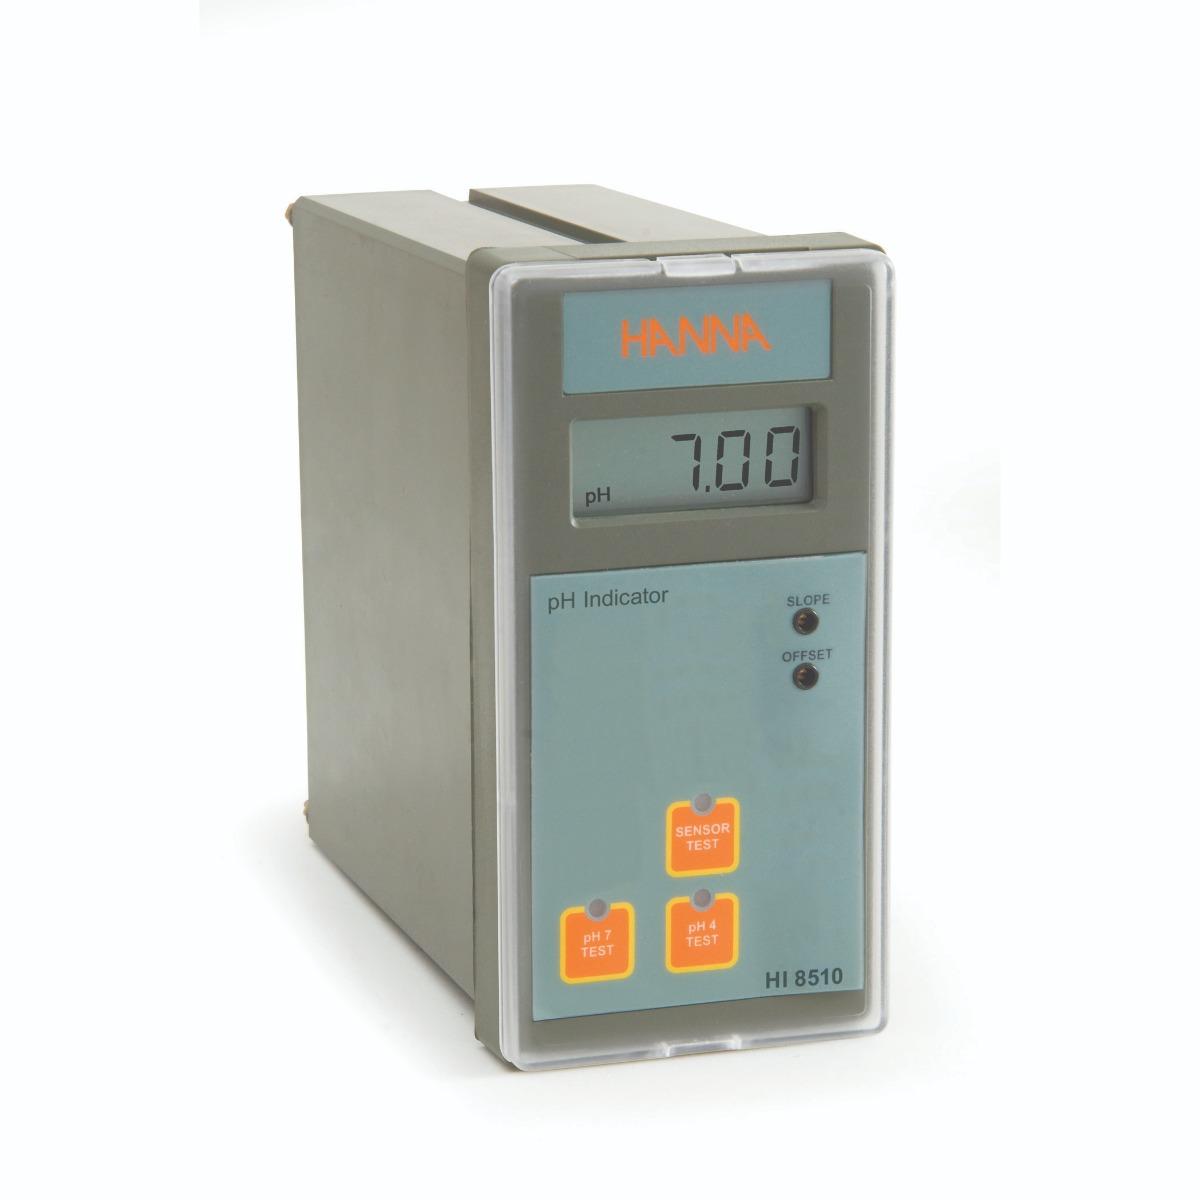 Indicador Analógico de pH Montado en Panel con Prueba de Auto Diagnóstico - HI8510